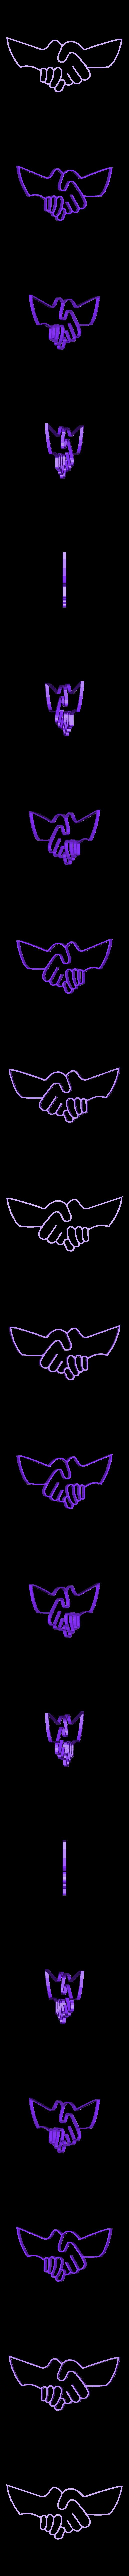 handss.stl Télécharger fichier STL gratuit serrer la main • Design pour imprimante 3D, syzguru11